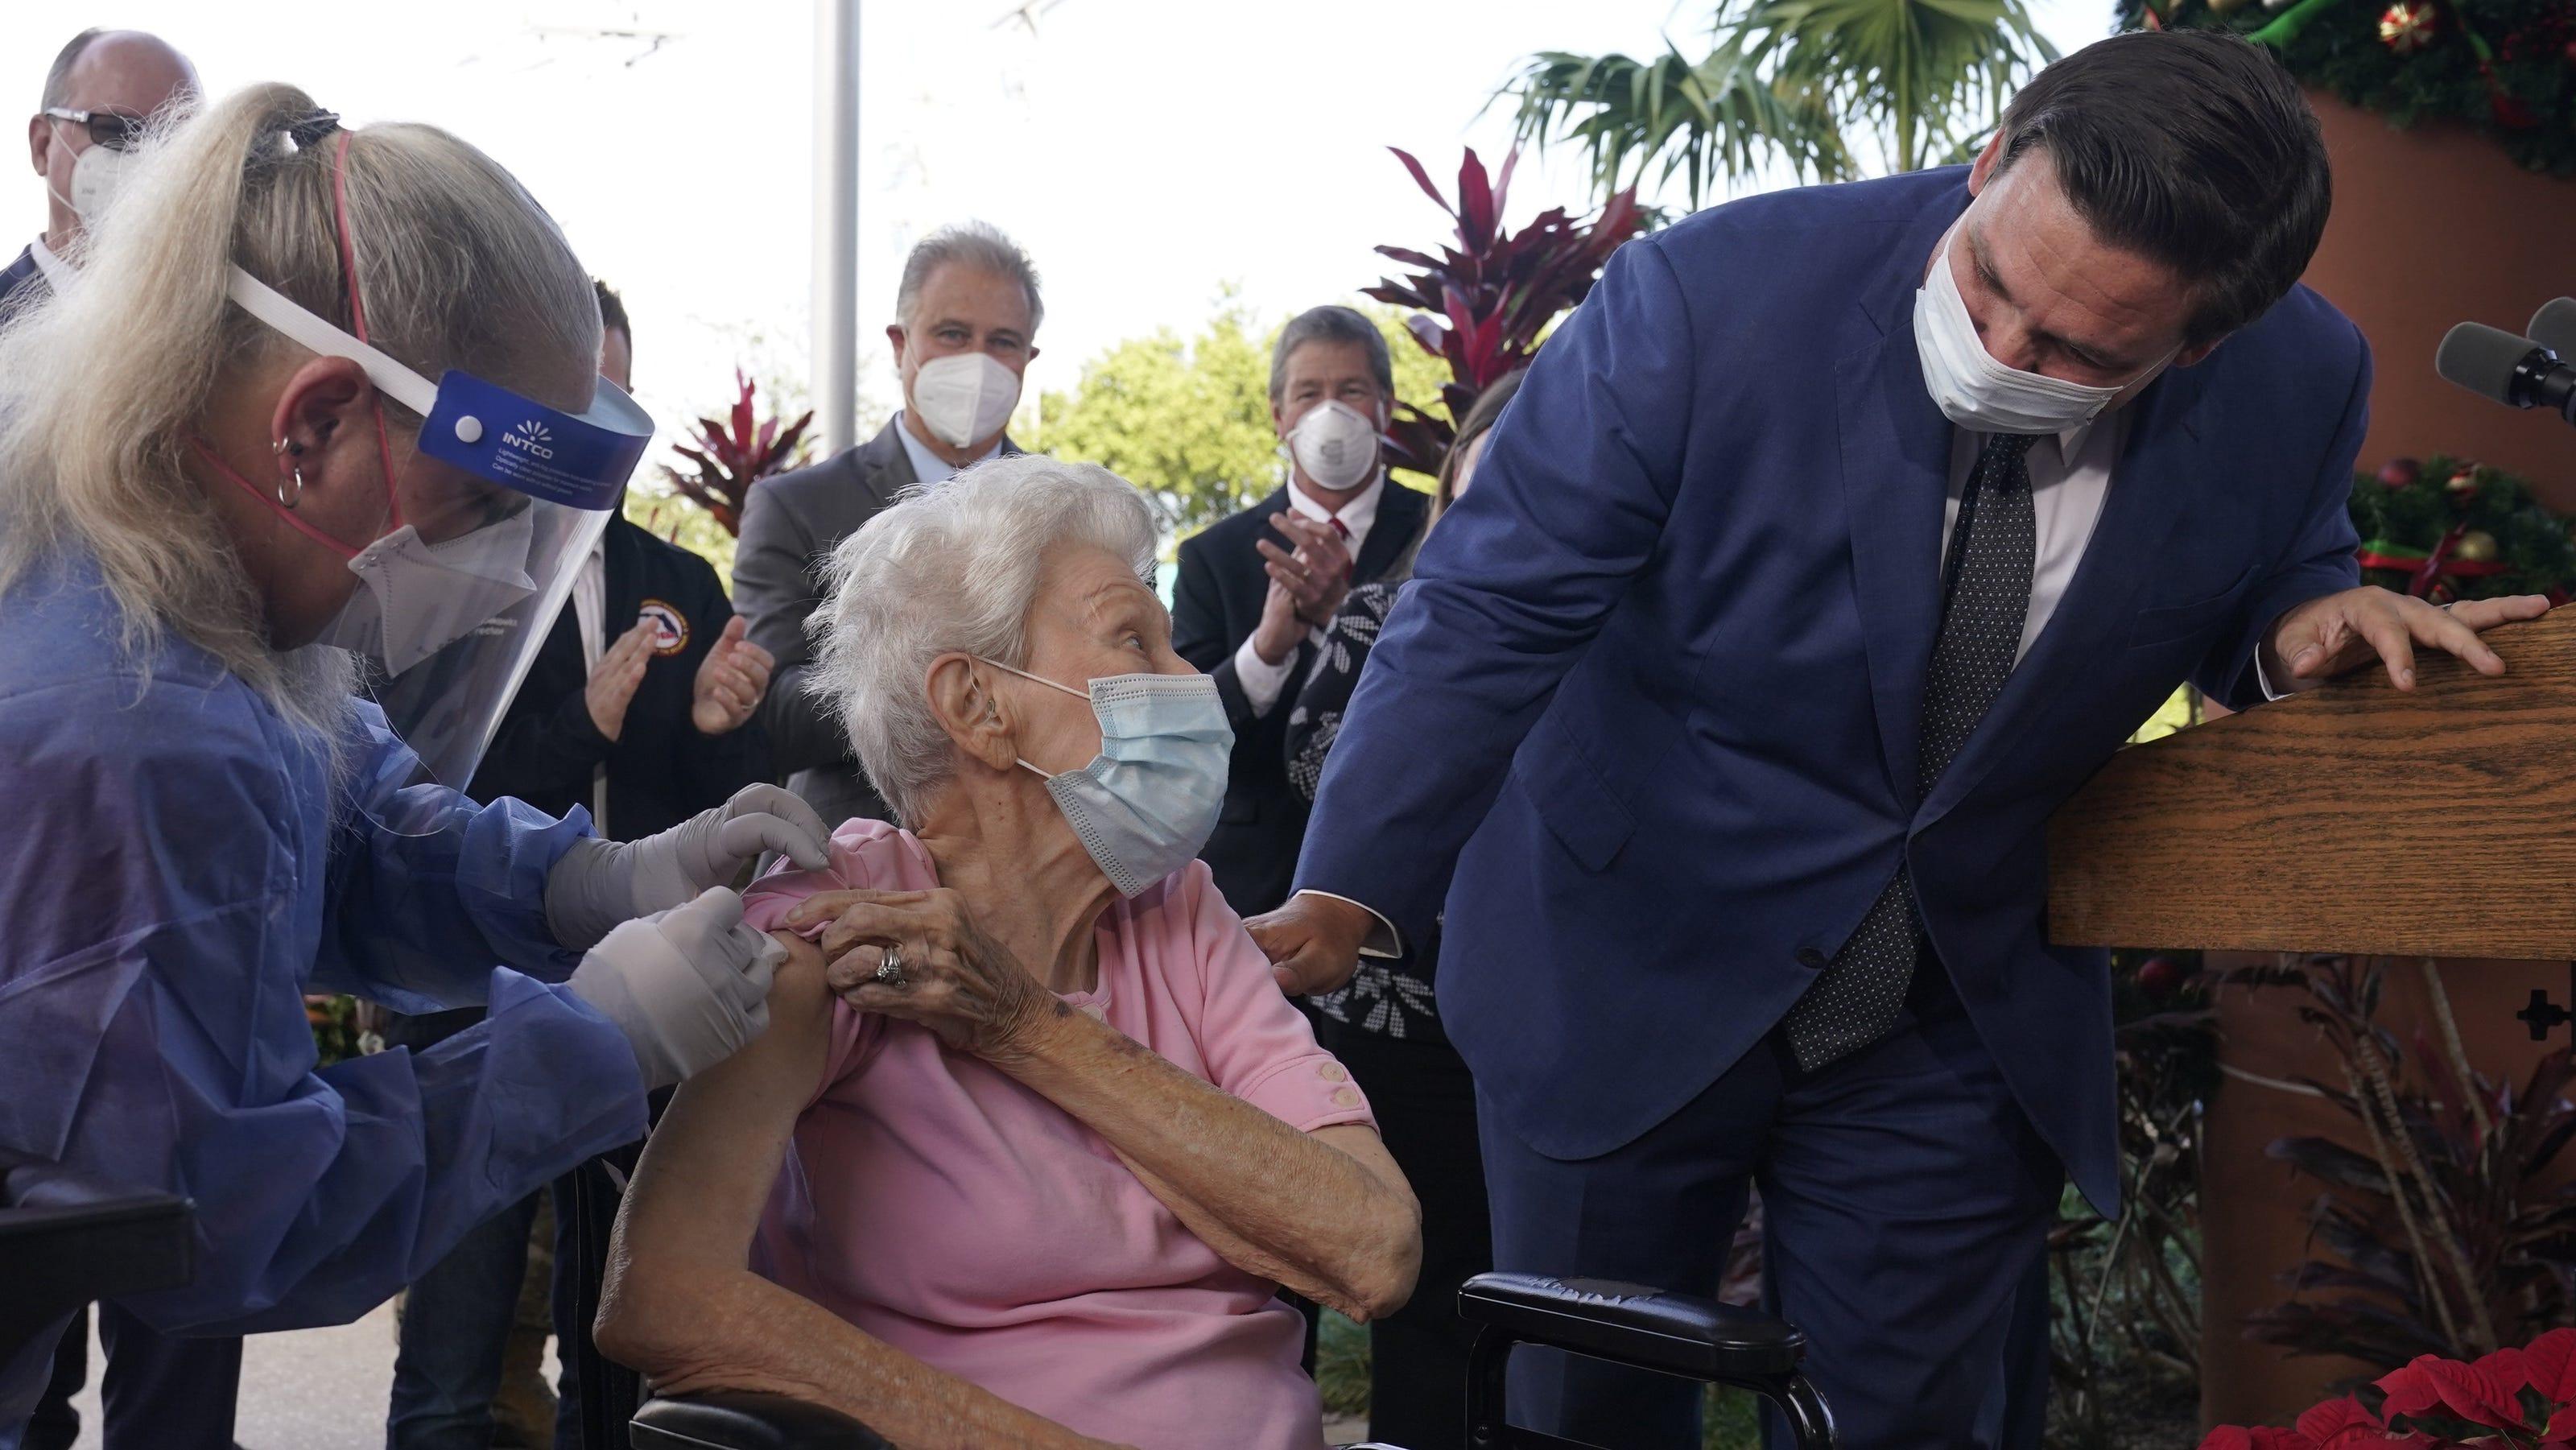 La Floride a commencé à vacciner les personnes de 65 ans et plus contre le coronavirus, rompant avec les directives du Centers for Disease Control and Prevention